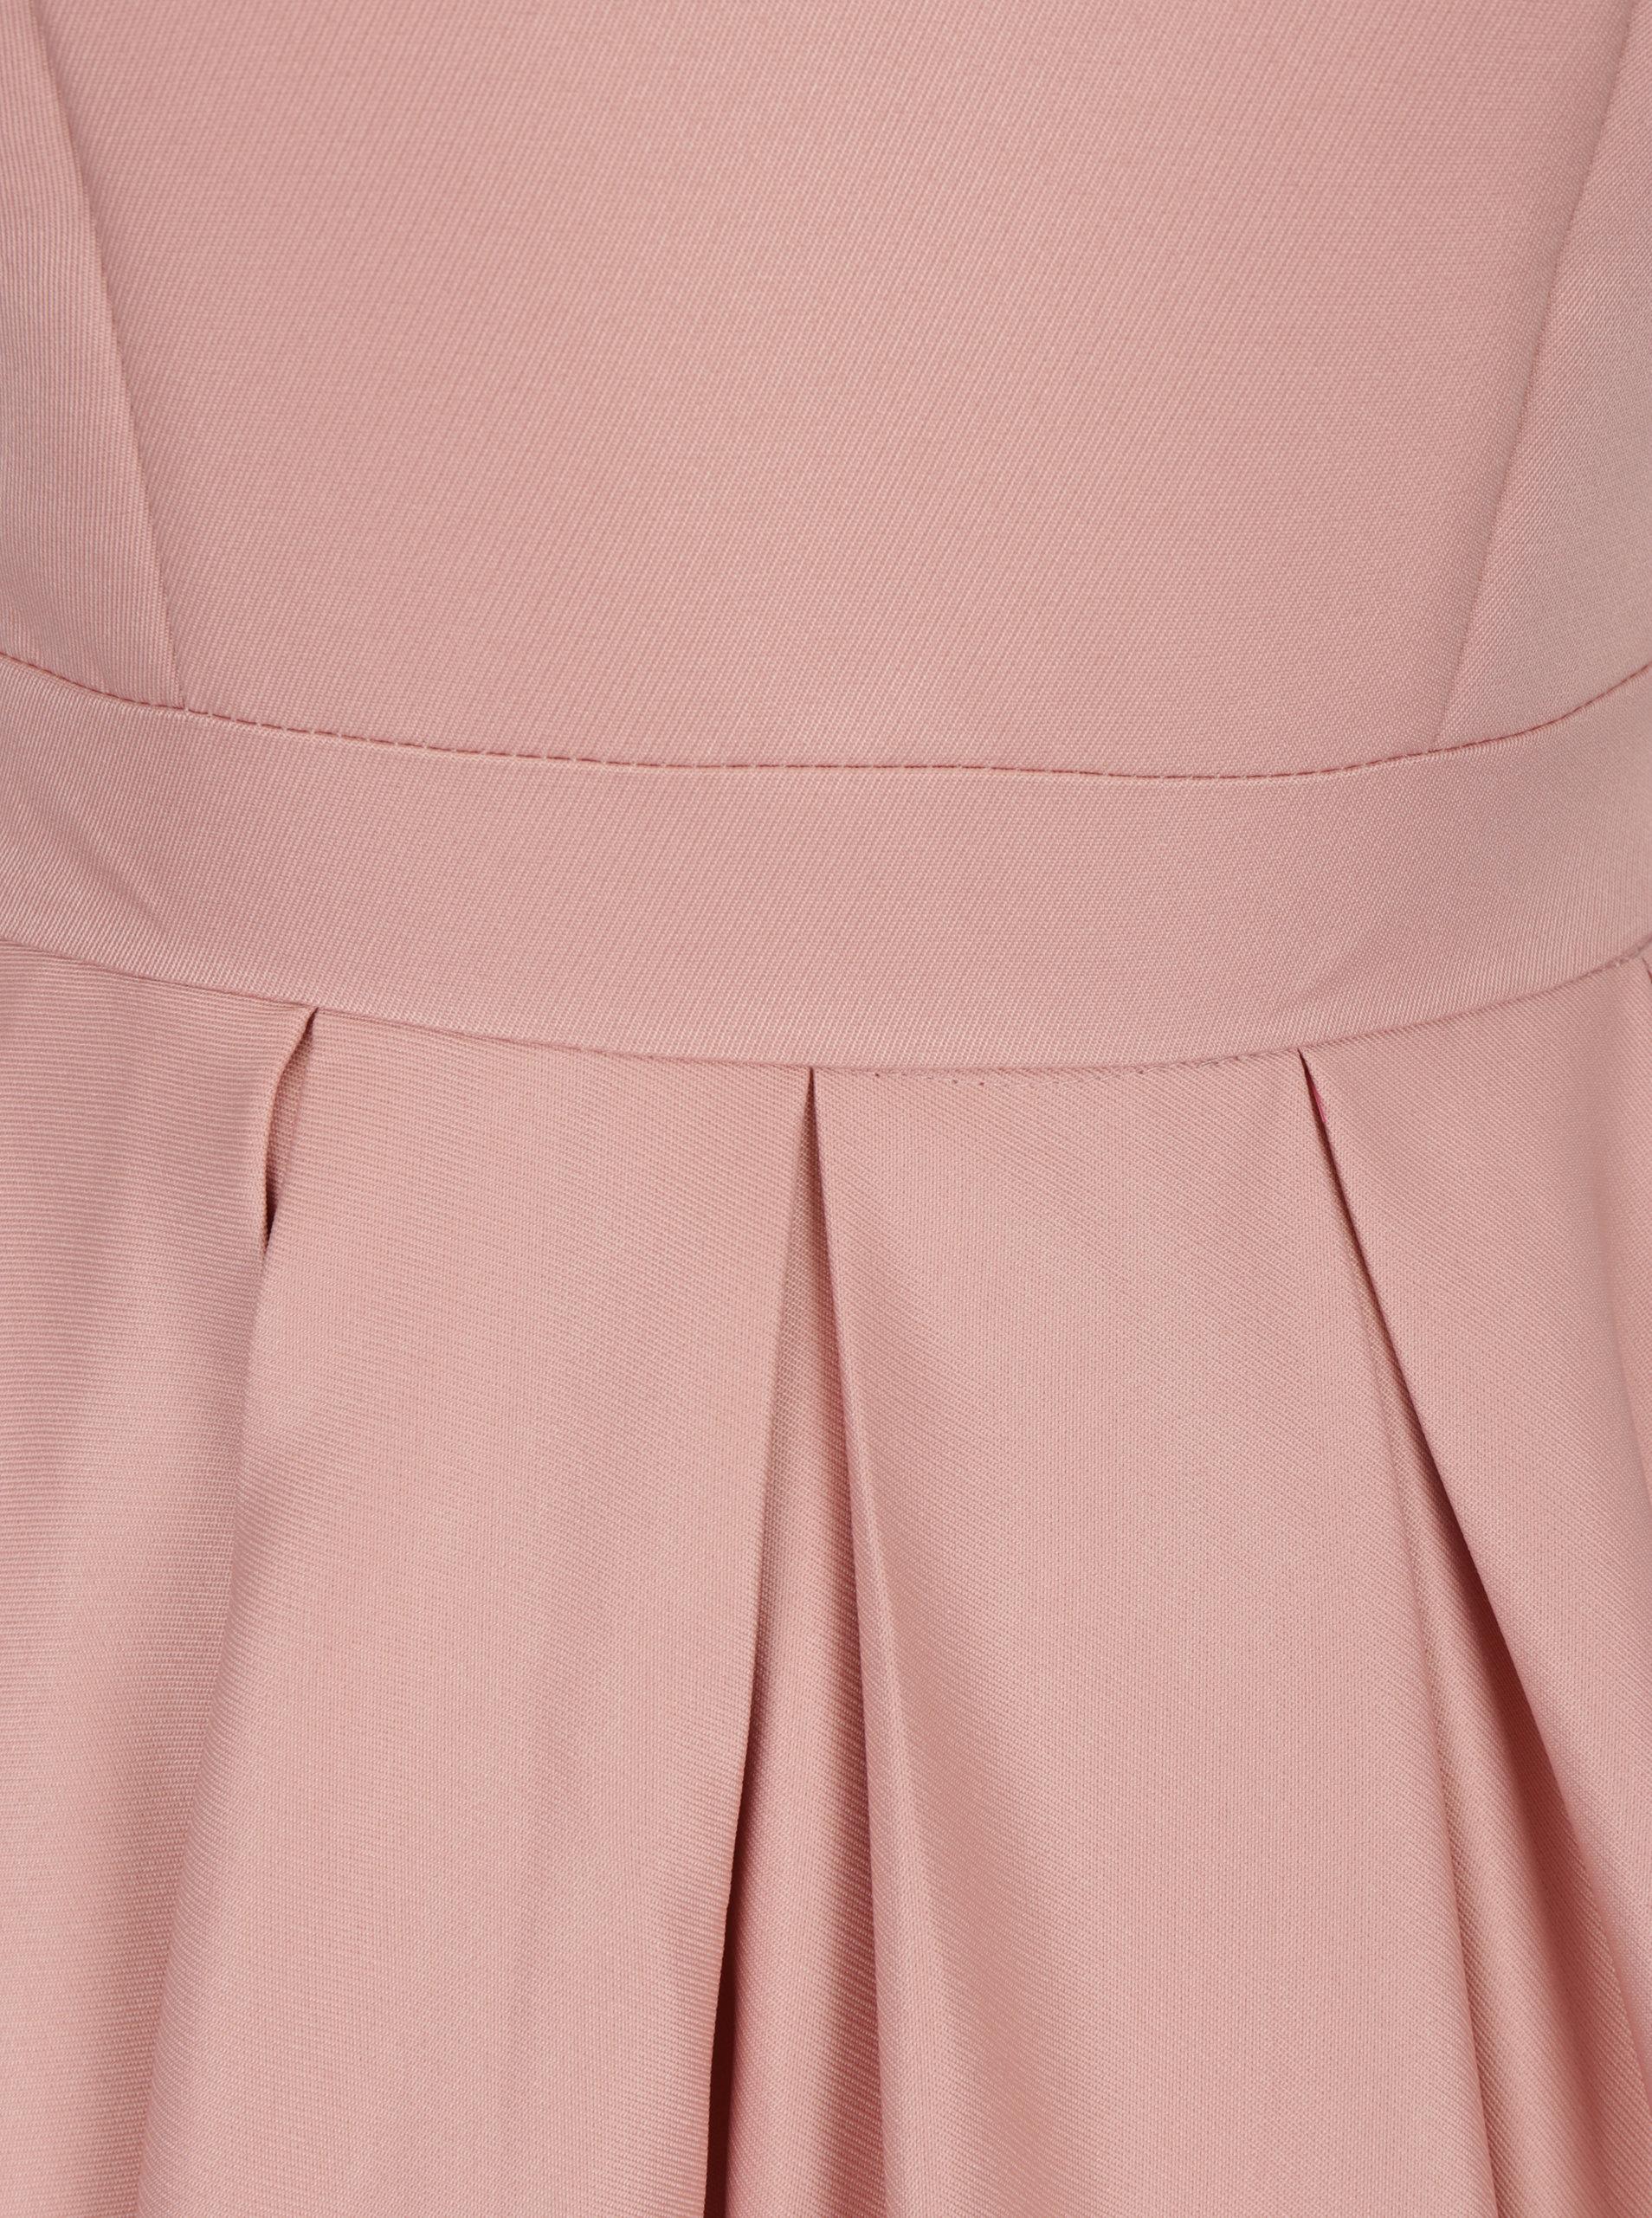 1dcc4bfc8849 Svetloružové šaty s výstrihom na chrbte Chi Chi London Aymee ...